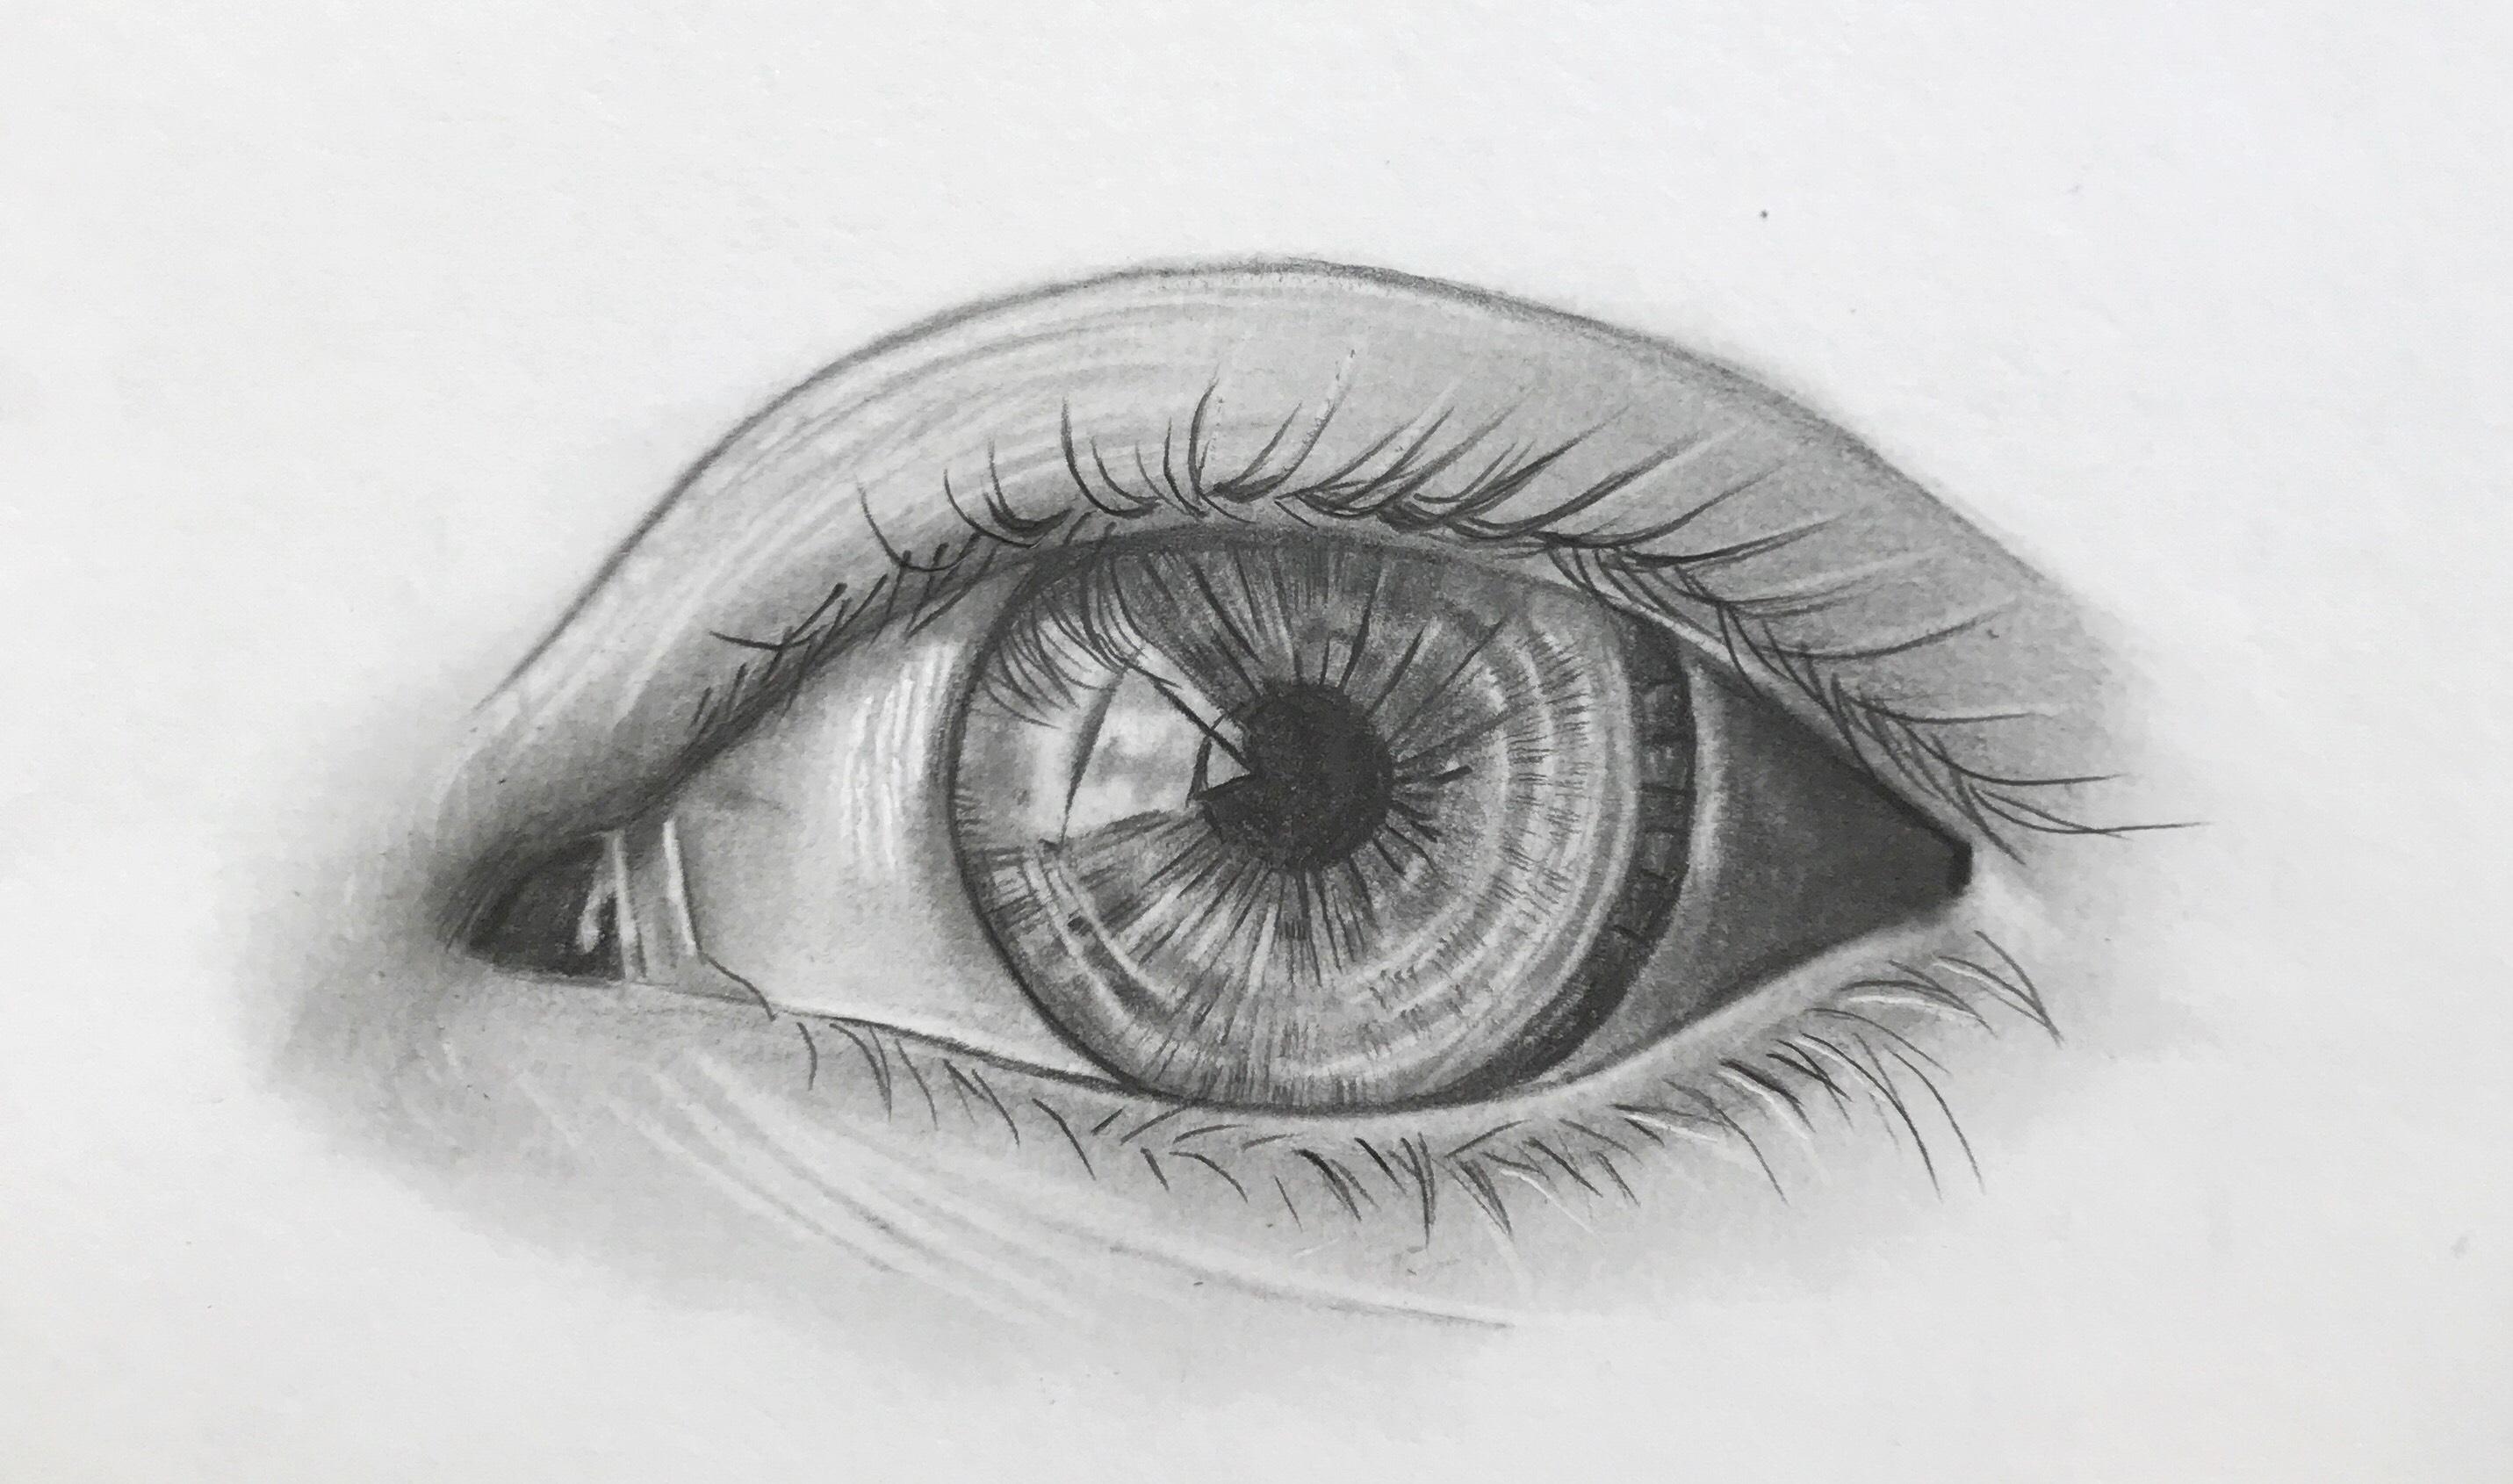 realisme in portret lespakket oog tekenen in grafiet